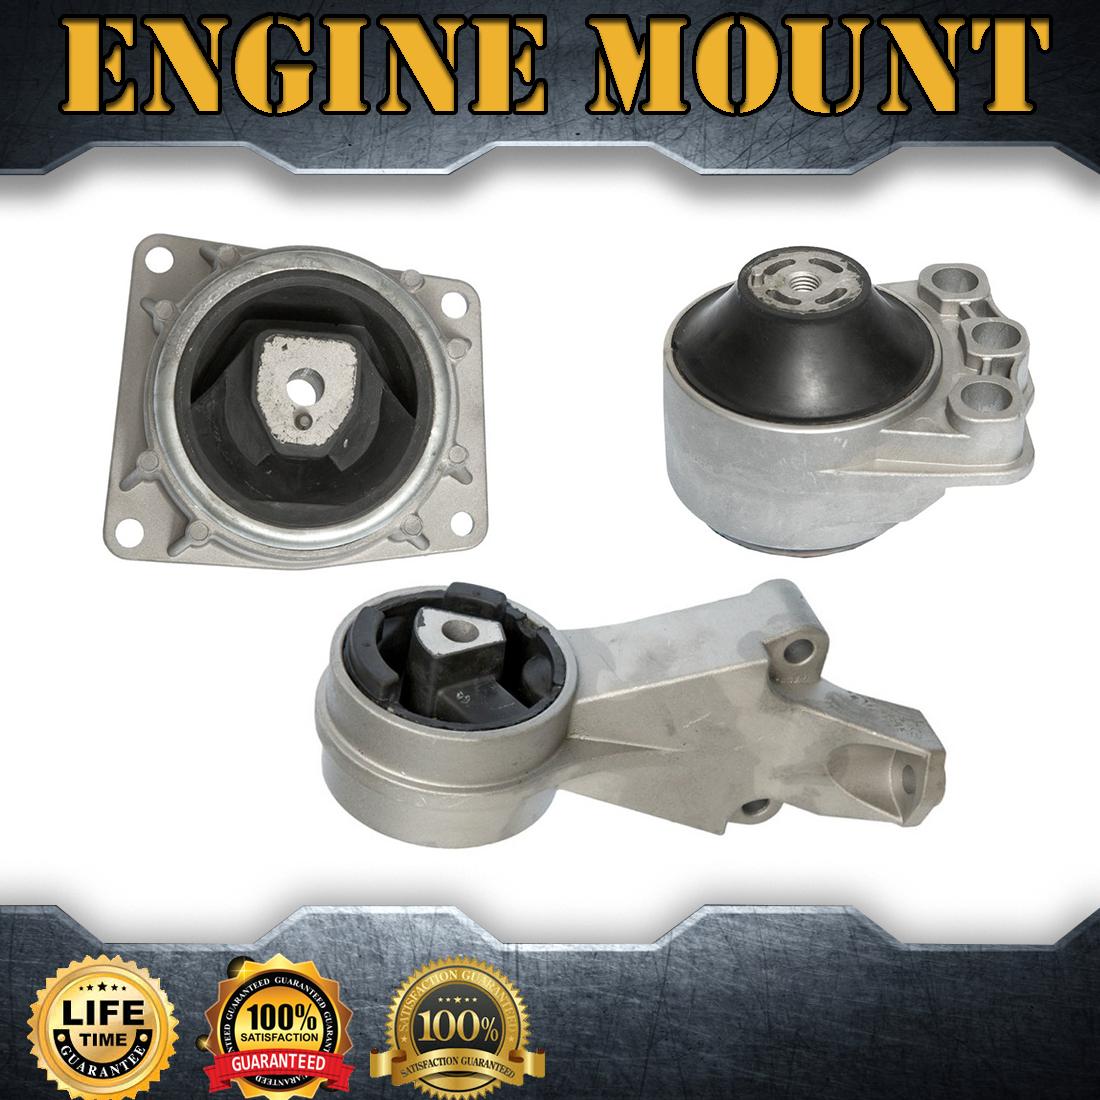 LW300 3.0L Engine Motor /& Trans Mount Set 4PCS for 2000-2005 Saturn L300 LW2